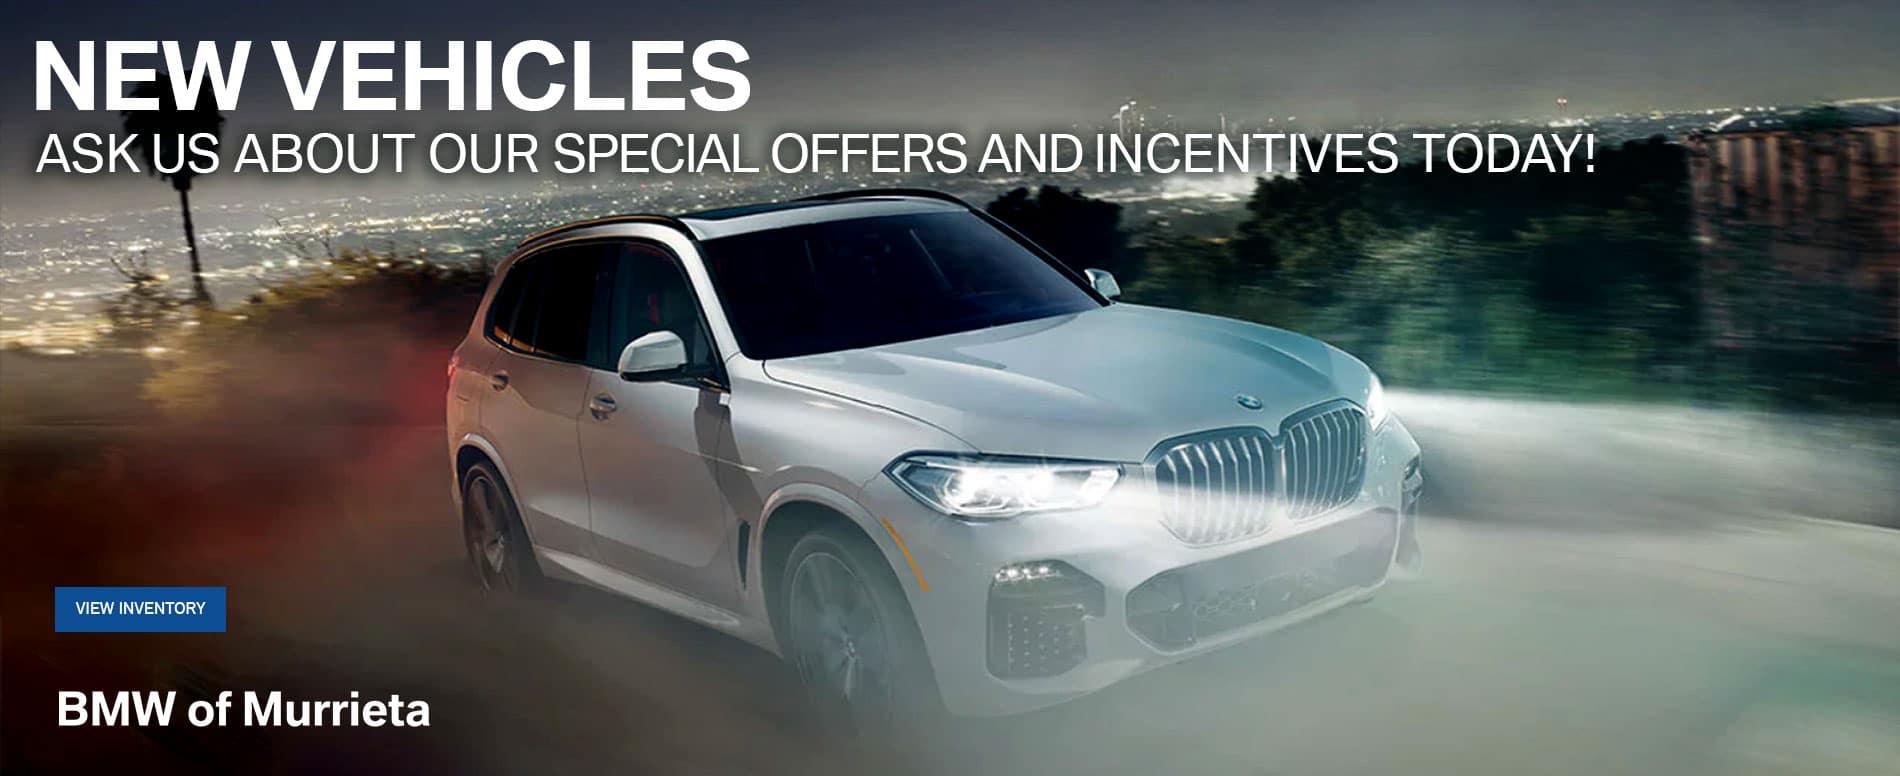 BMW-of-Murrieta-NEW